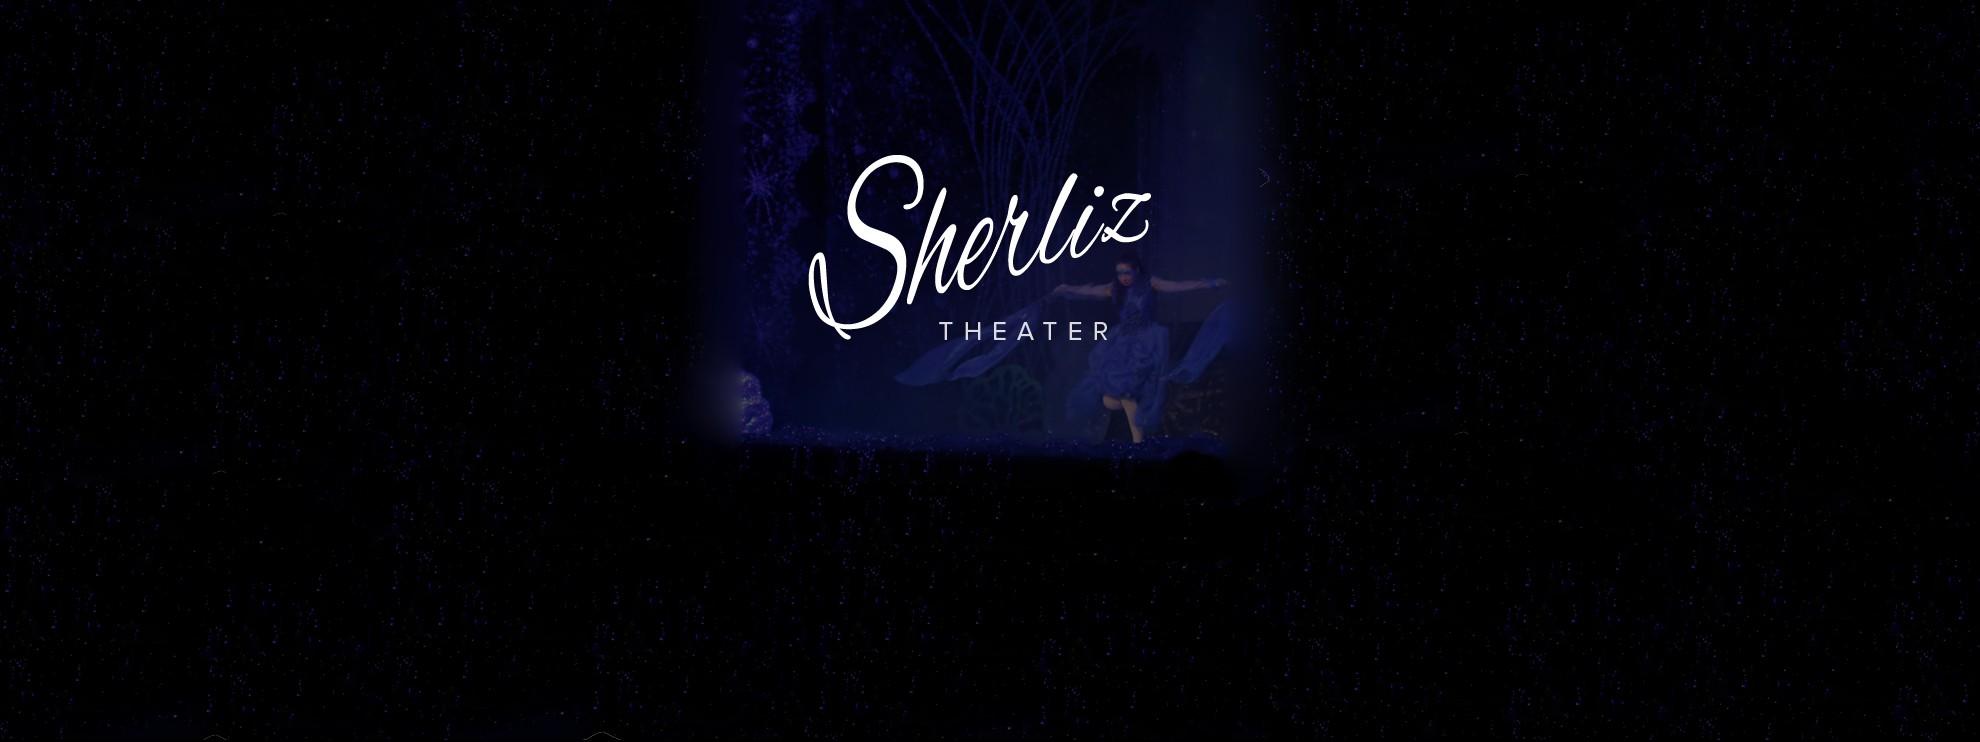 виконавець Театр «Sherliz» (Шерліз)